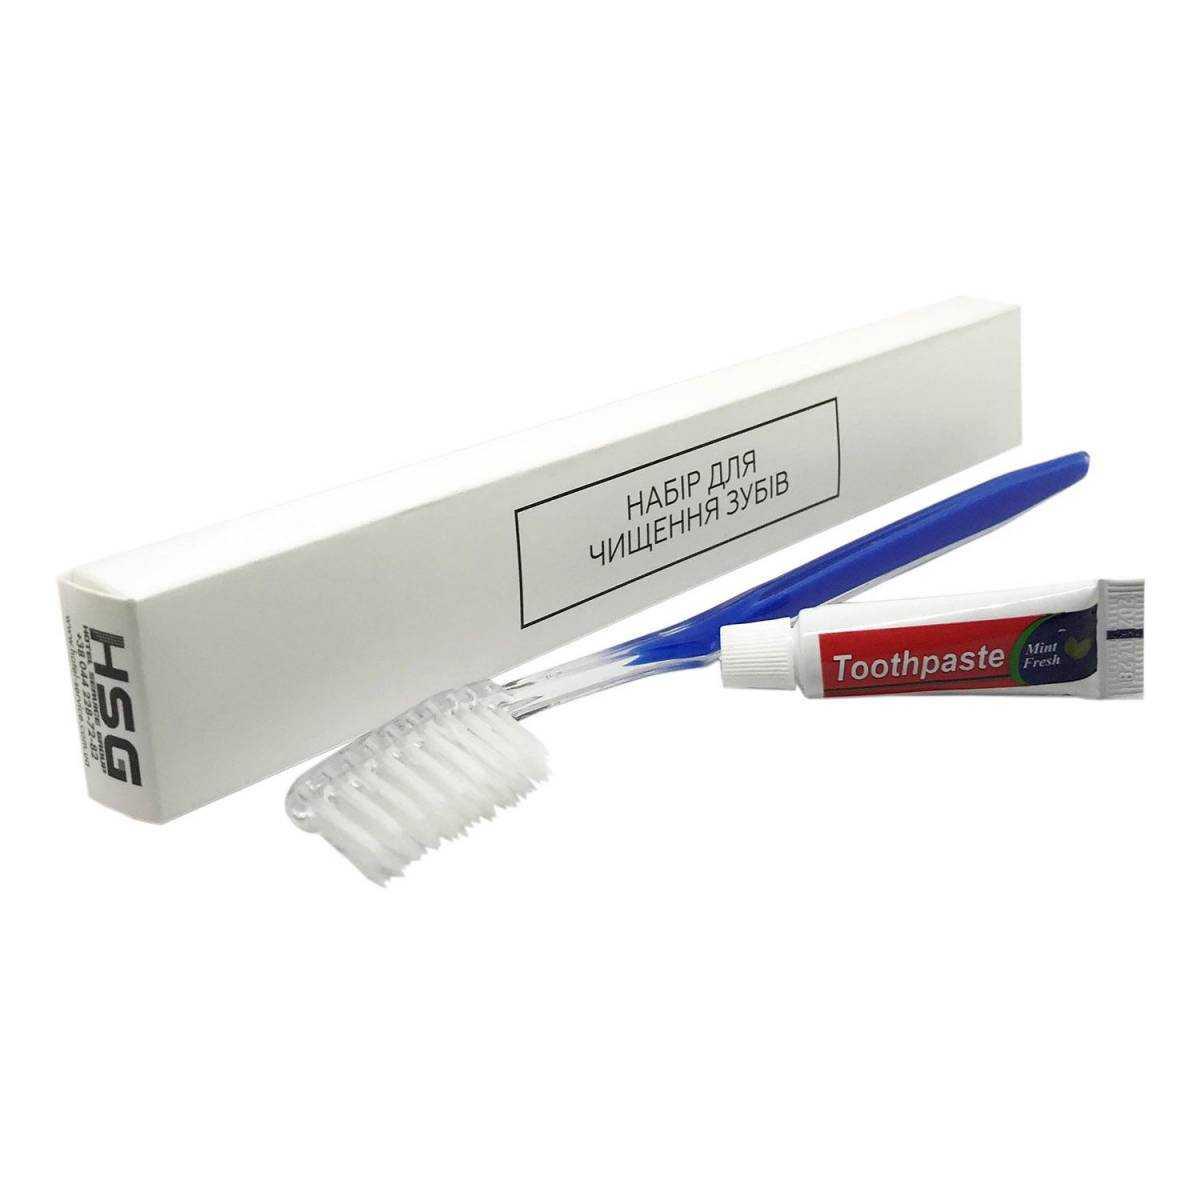 Зубной набор (щетка+паста 5г) в п/е и картонной коробочке DK5-C HSG